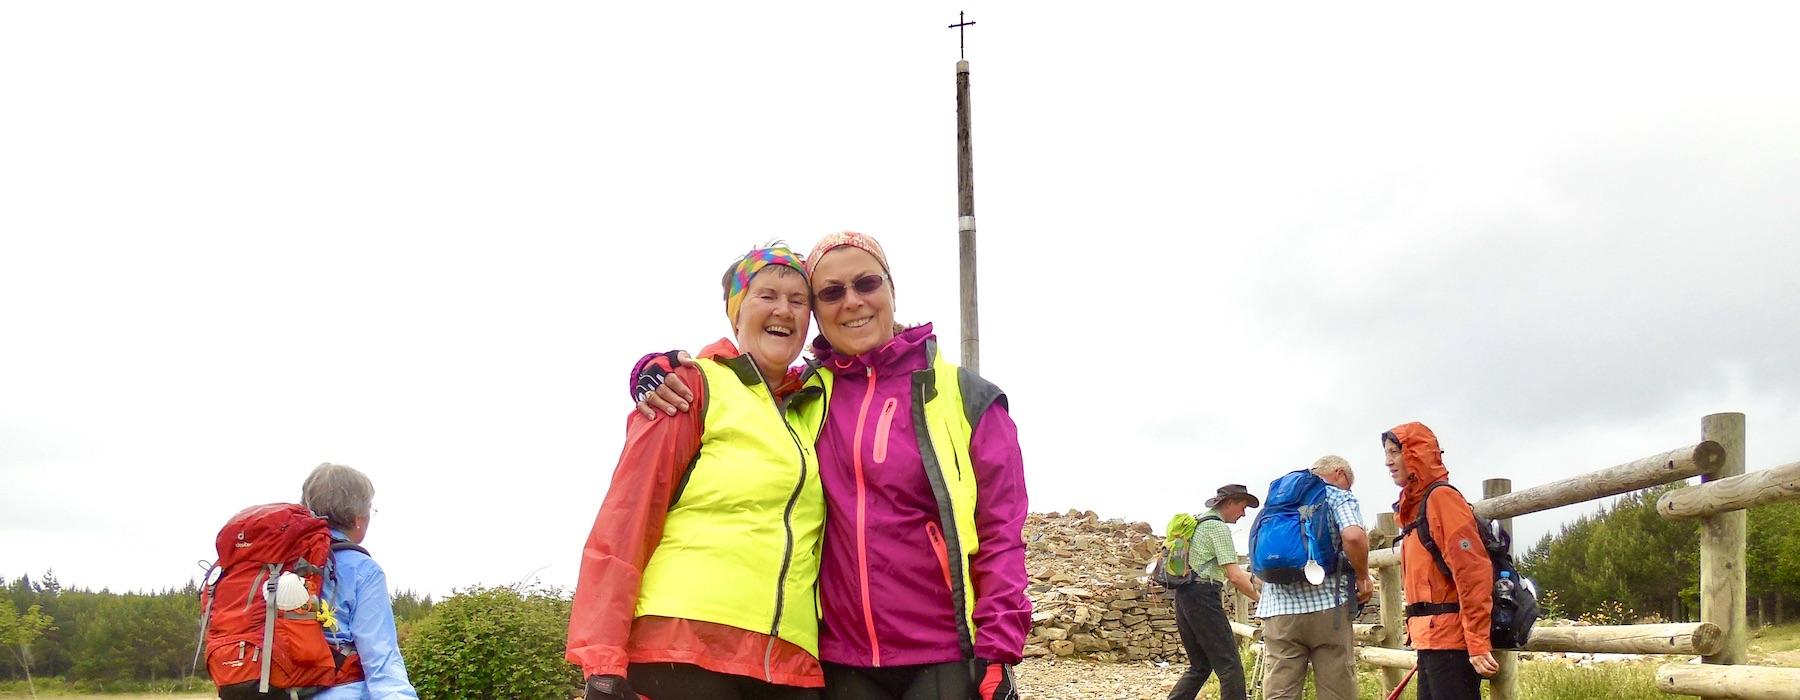 Camino Pilgrims in Cruz de Ferro